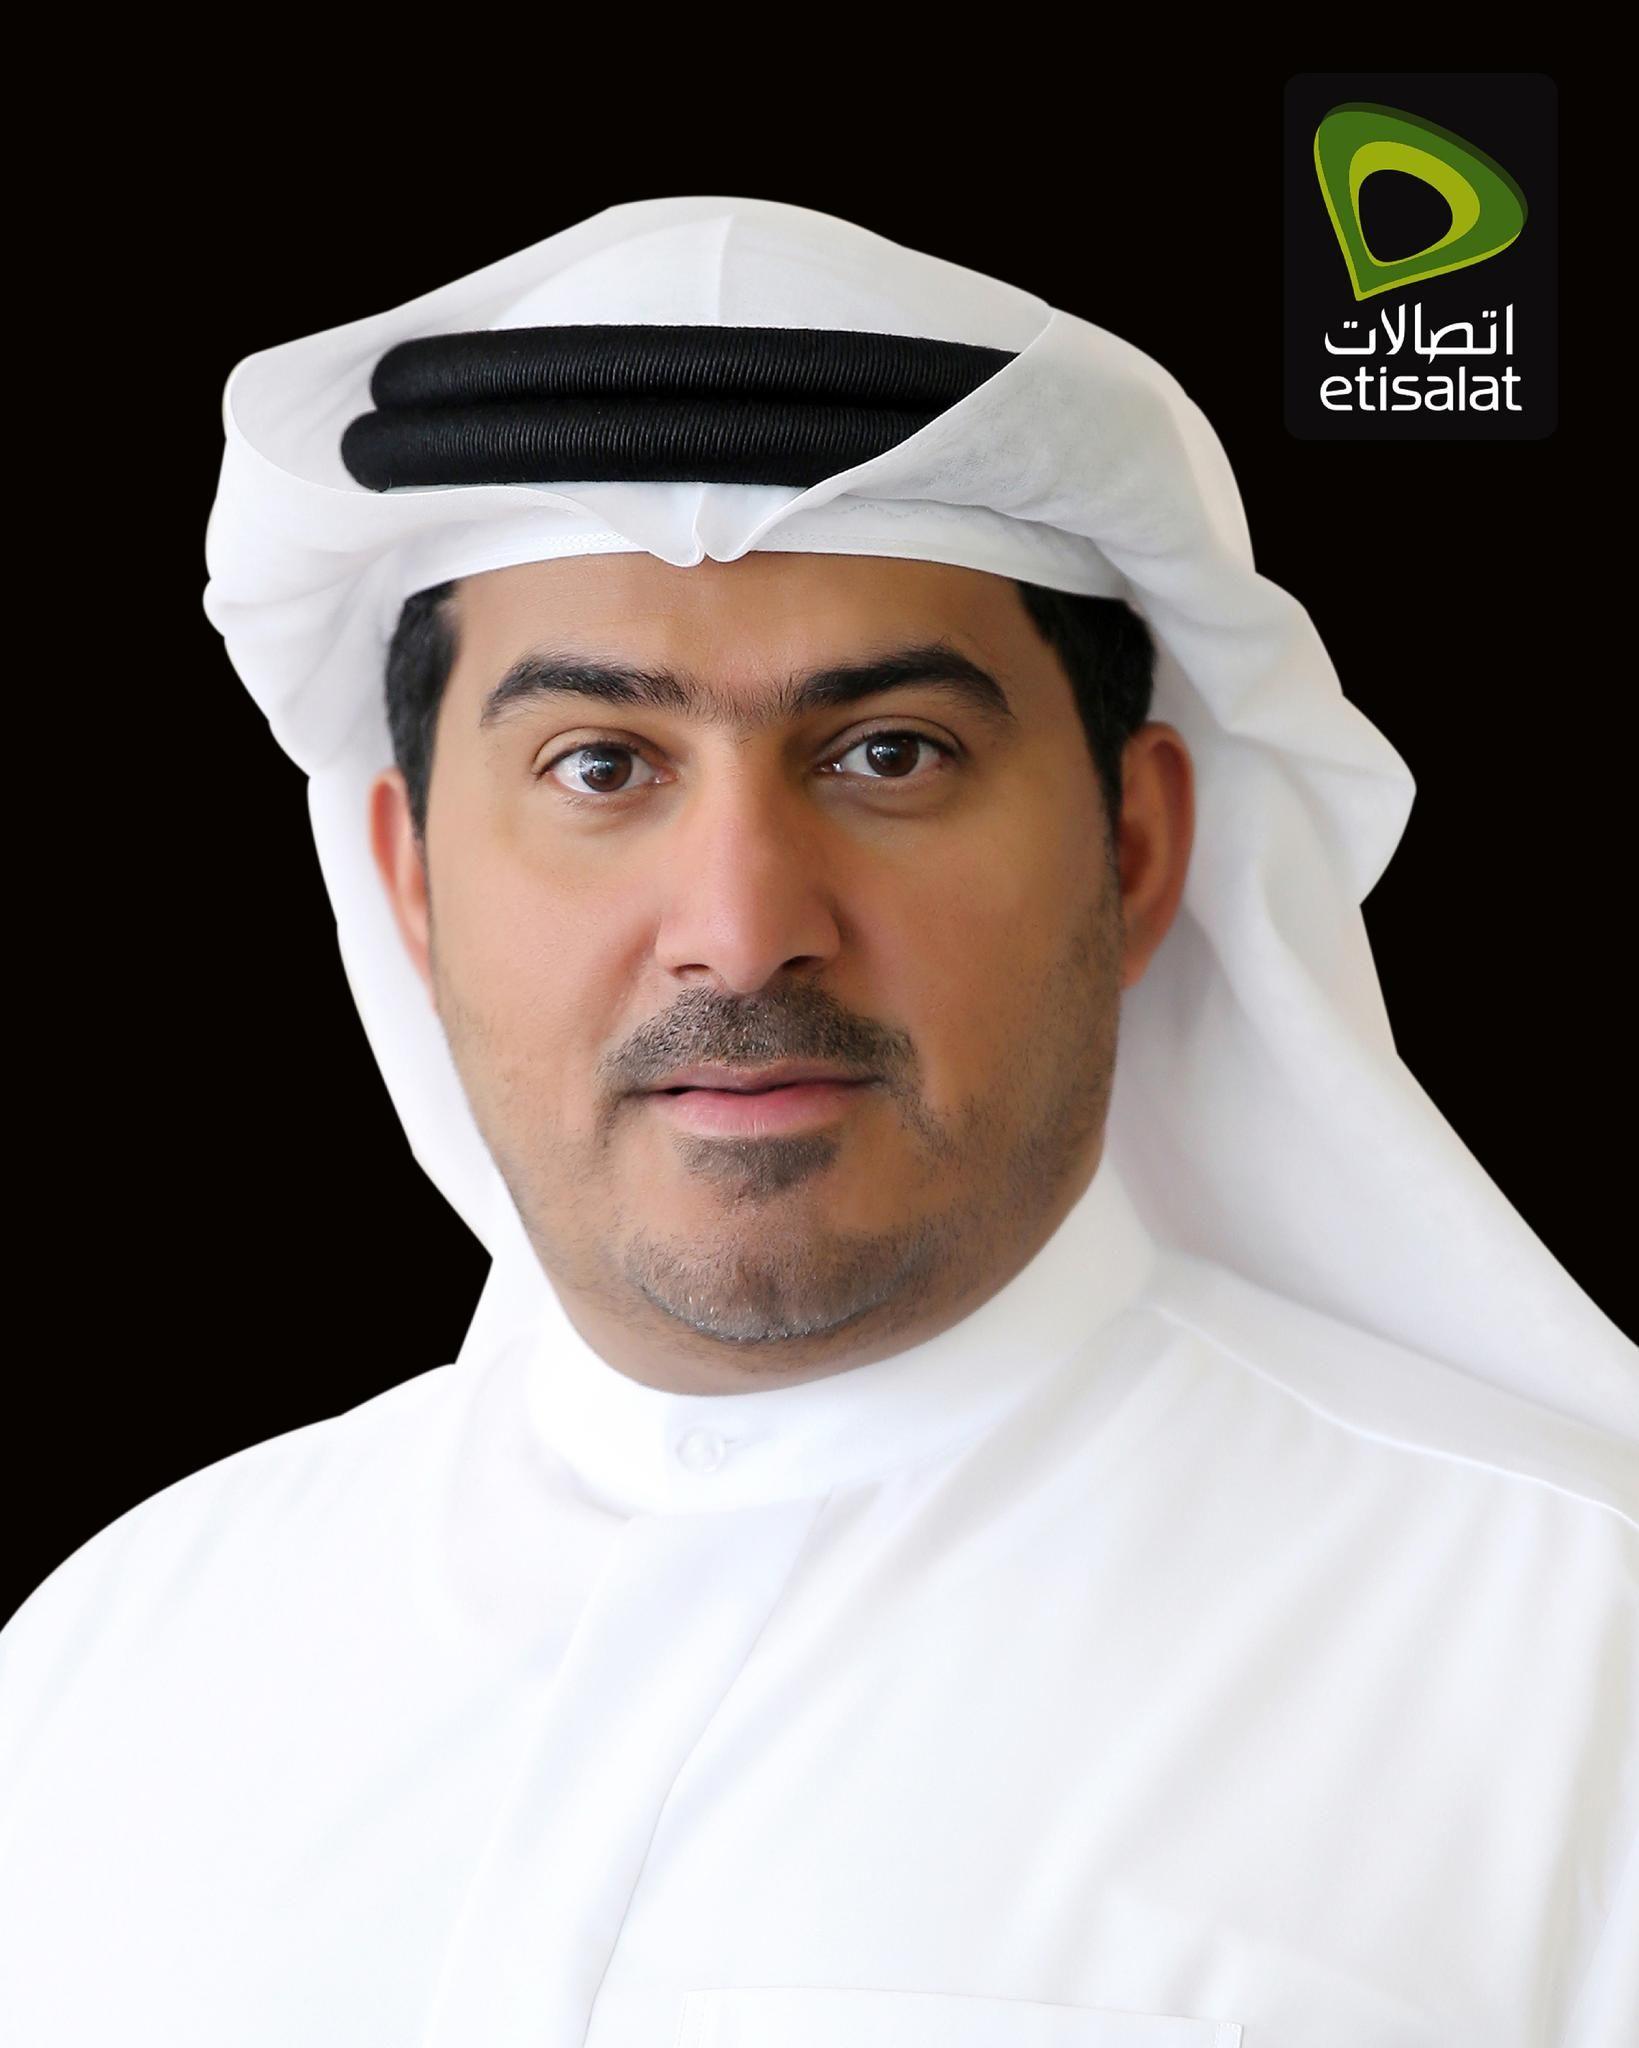 Khalifa Hassan Al Forah Al Shamsi